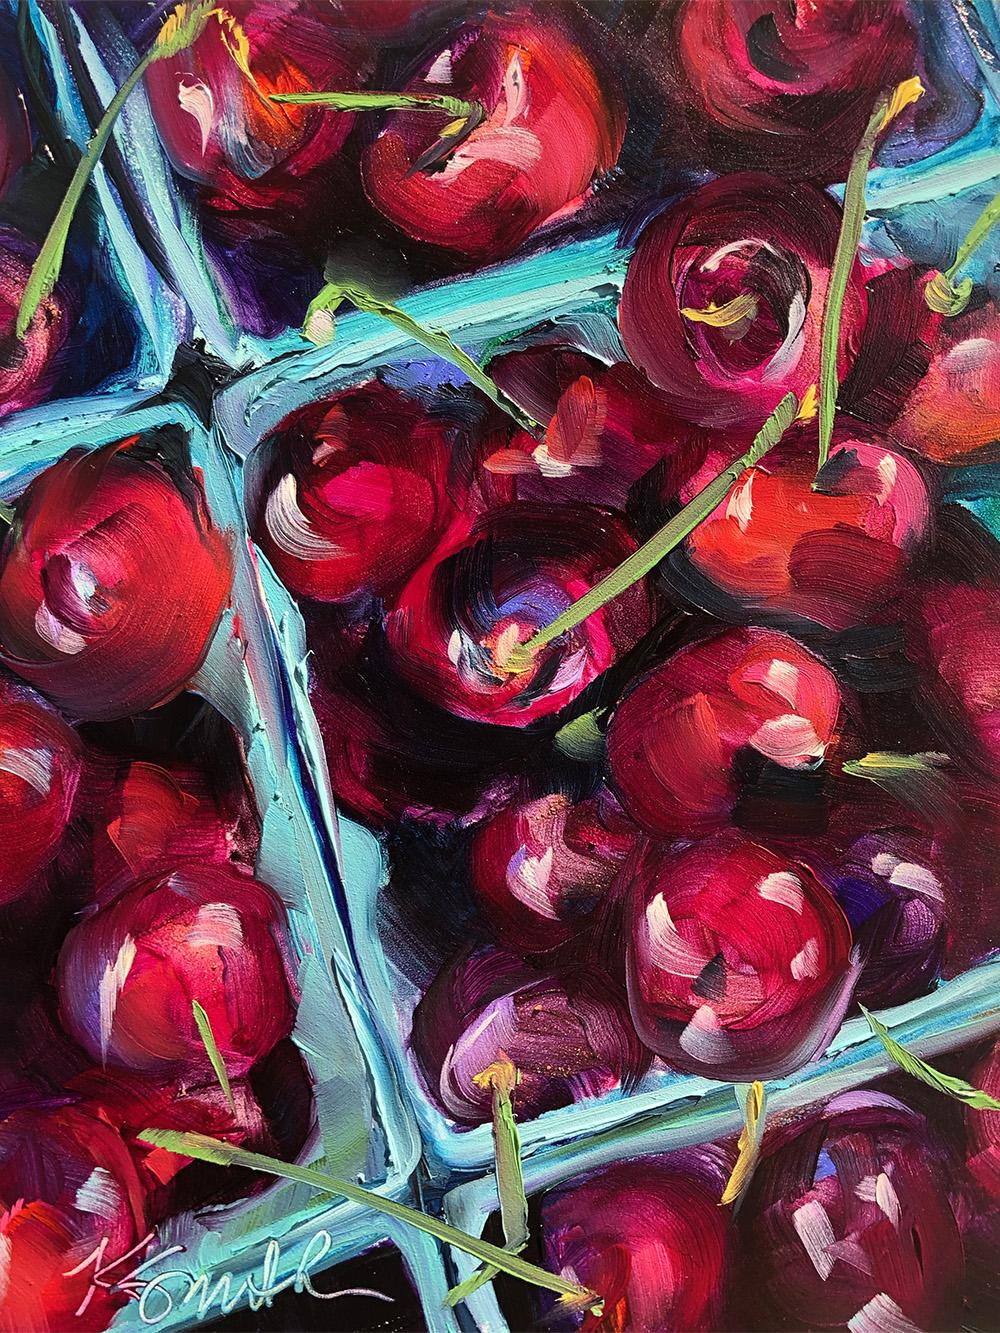 8.21.19_food_cherries_6x8_original_1000.jpg